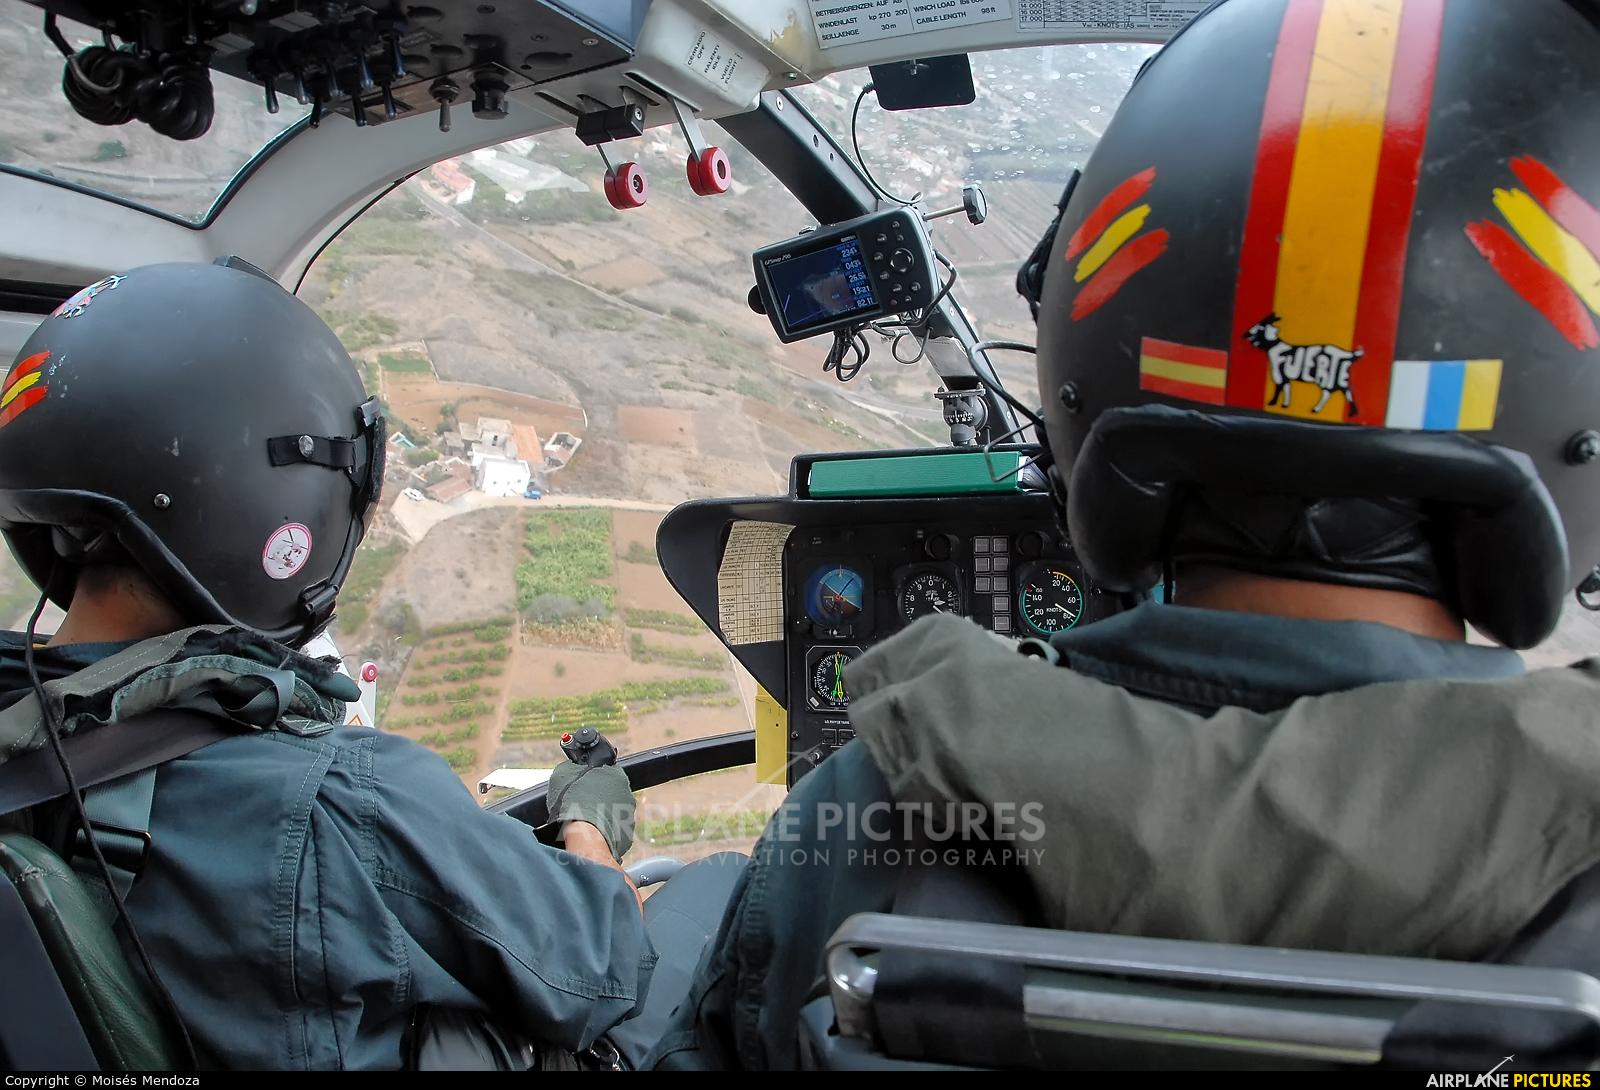 Spain - Guardia Civil HU.15-88 aircraft at In Flight - Spain